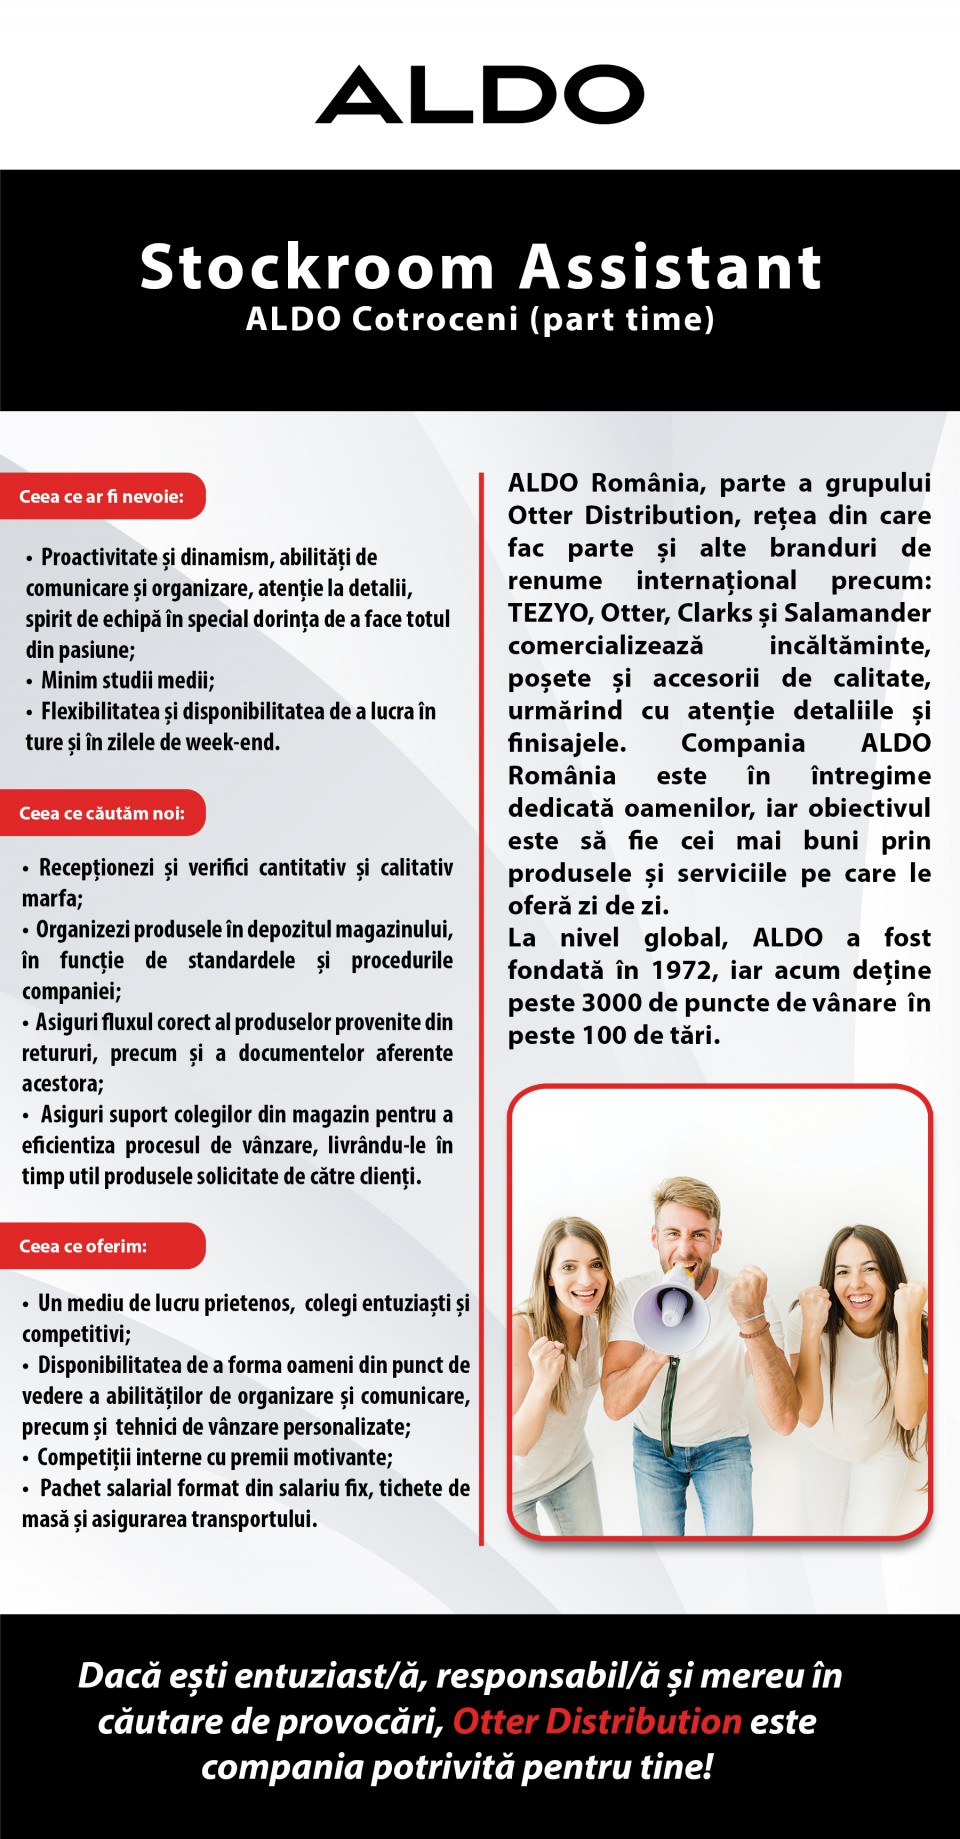 Compania Otter a fost infiintata in anul 1997 si are ca obiect de activitate comercializarea produselor de incaltaminte, marochinarie si accesorii. Pentru ca fiecare om este unic si fiecare are stilul sau inconfundabil, Otter a reunit in reteaua sa de magazine marci cu renume international distincte ca stil si imagine: Otter, Tezyo, Salamander, Clarks, Aldo etc. In momentul de fata reteaua de magazine este formata din 65 de magazine localizate in cele mai mari orase ale tarii.